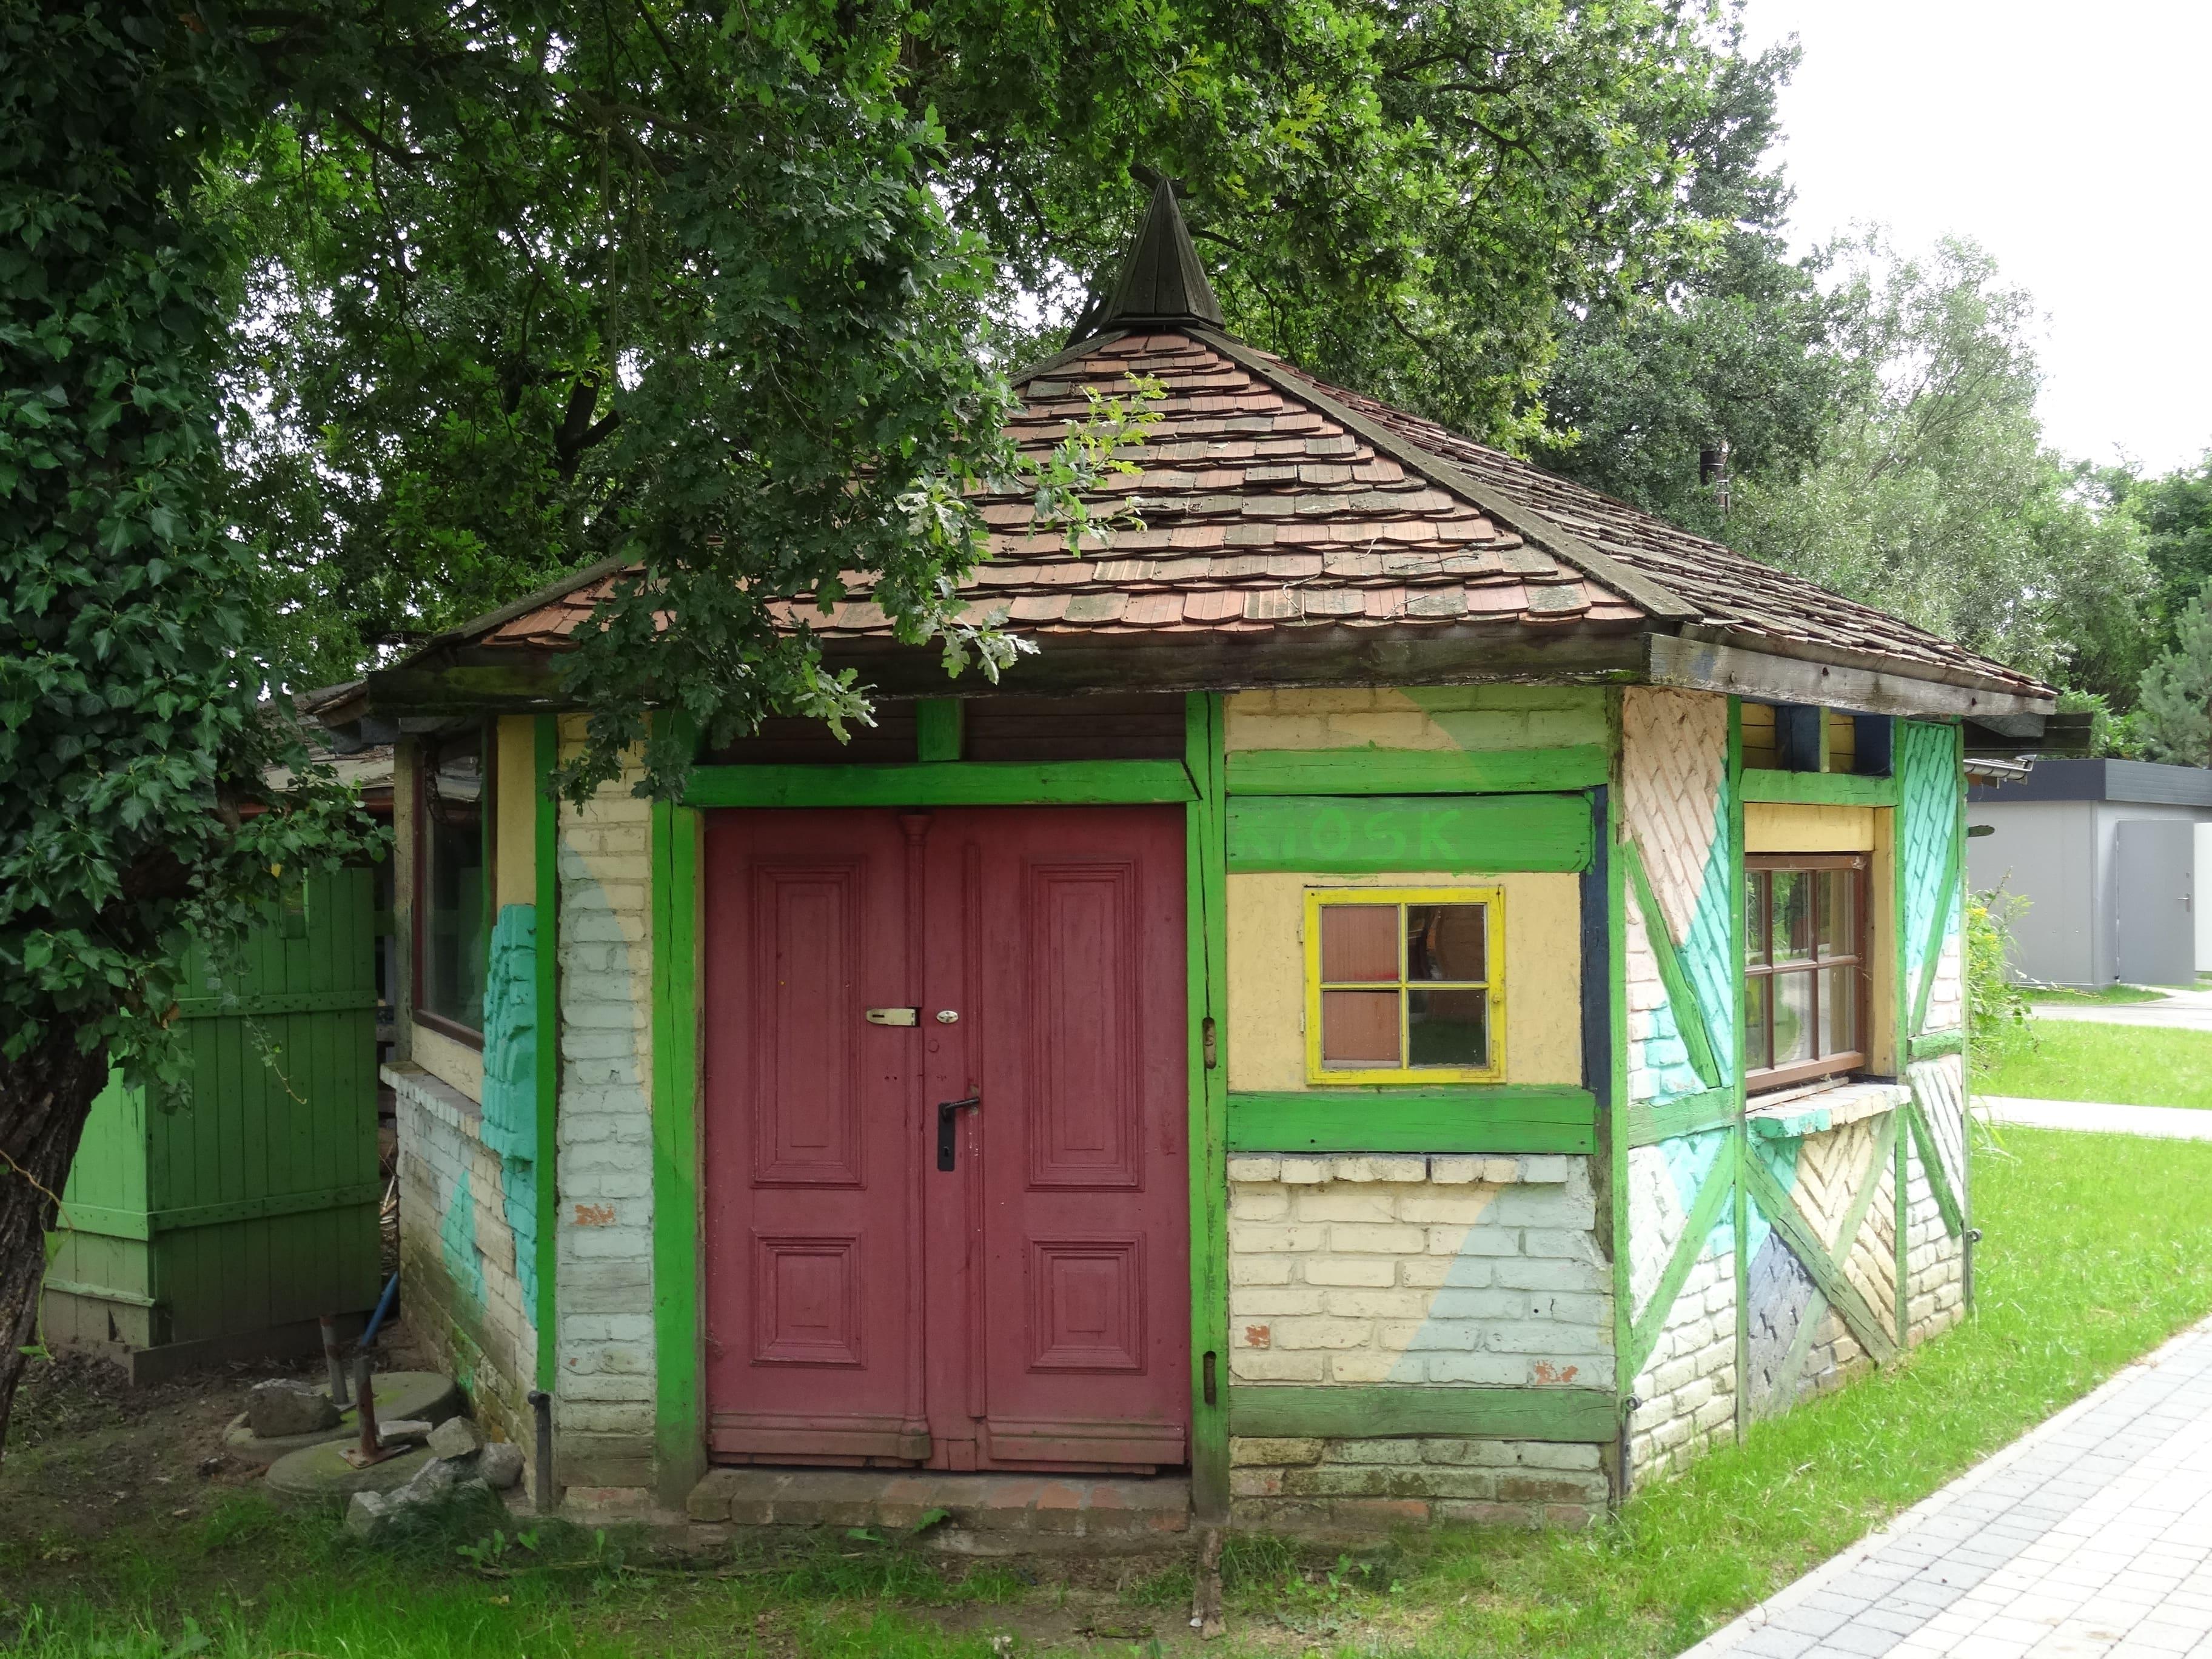 zielona-oliwka-kolorowy-domek-kiosk